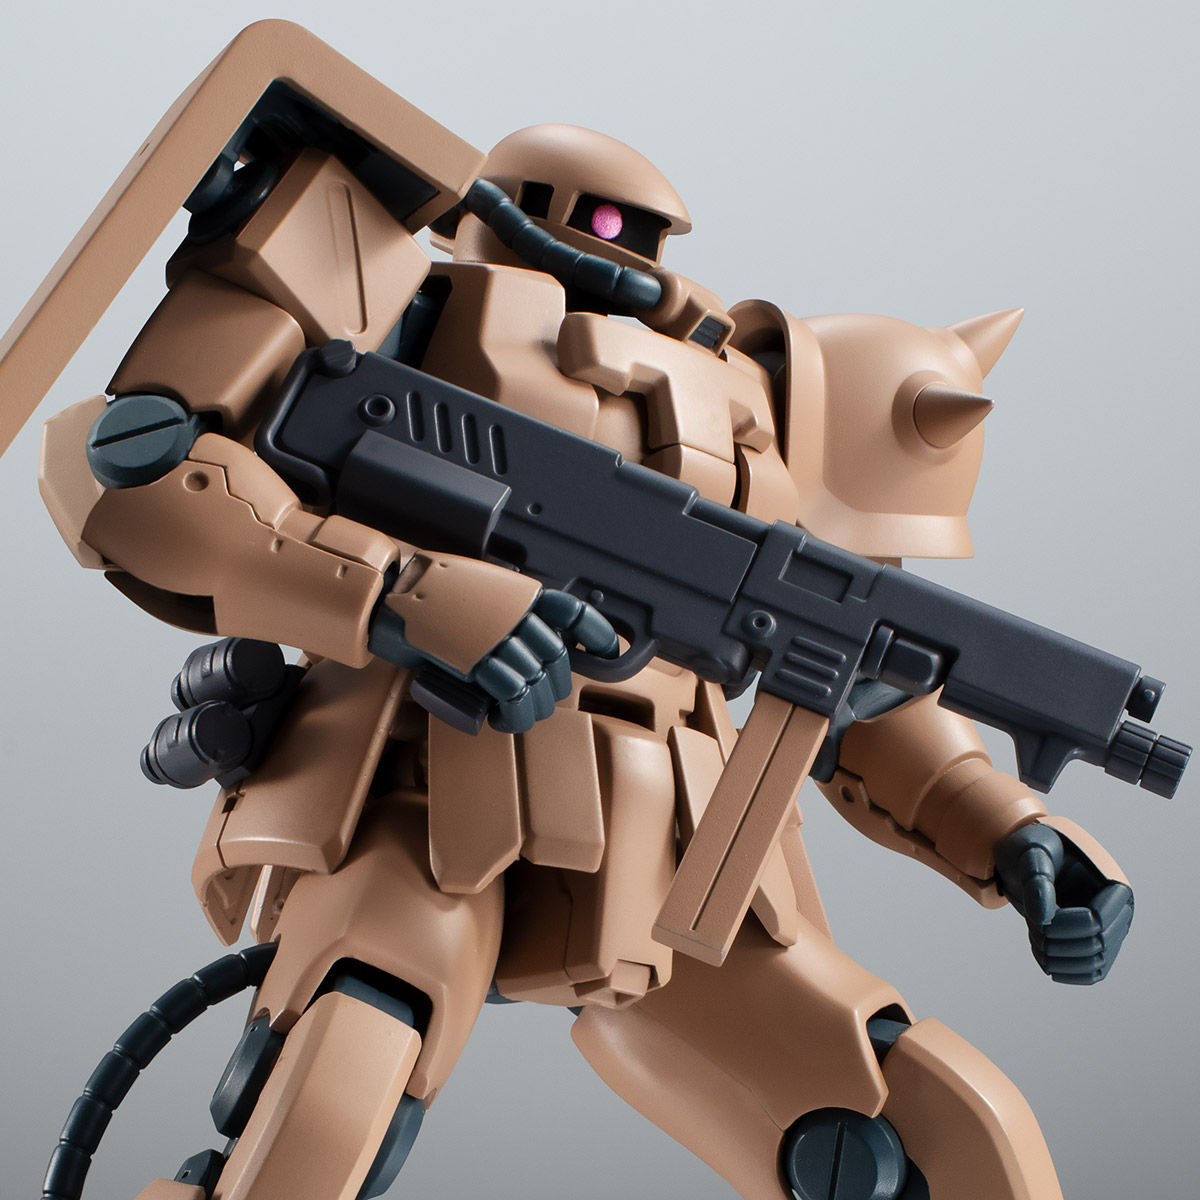 【限定販売】ROBOT魂〈SIDE MS〉『MS-06F-2 ザクII F2型 キンバライド基地仕様 ver. A.N.I.M.E.』ガンダム0083 可動フィギュア-001